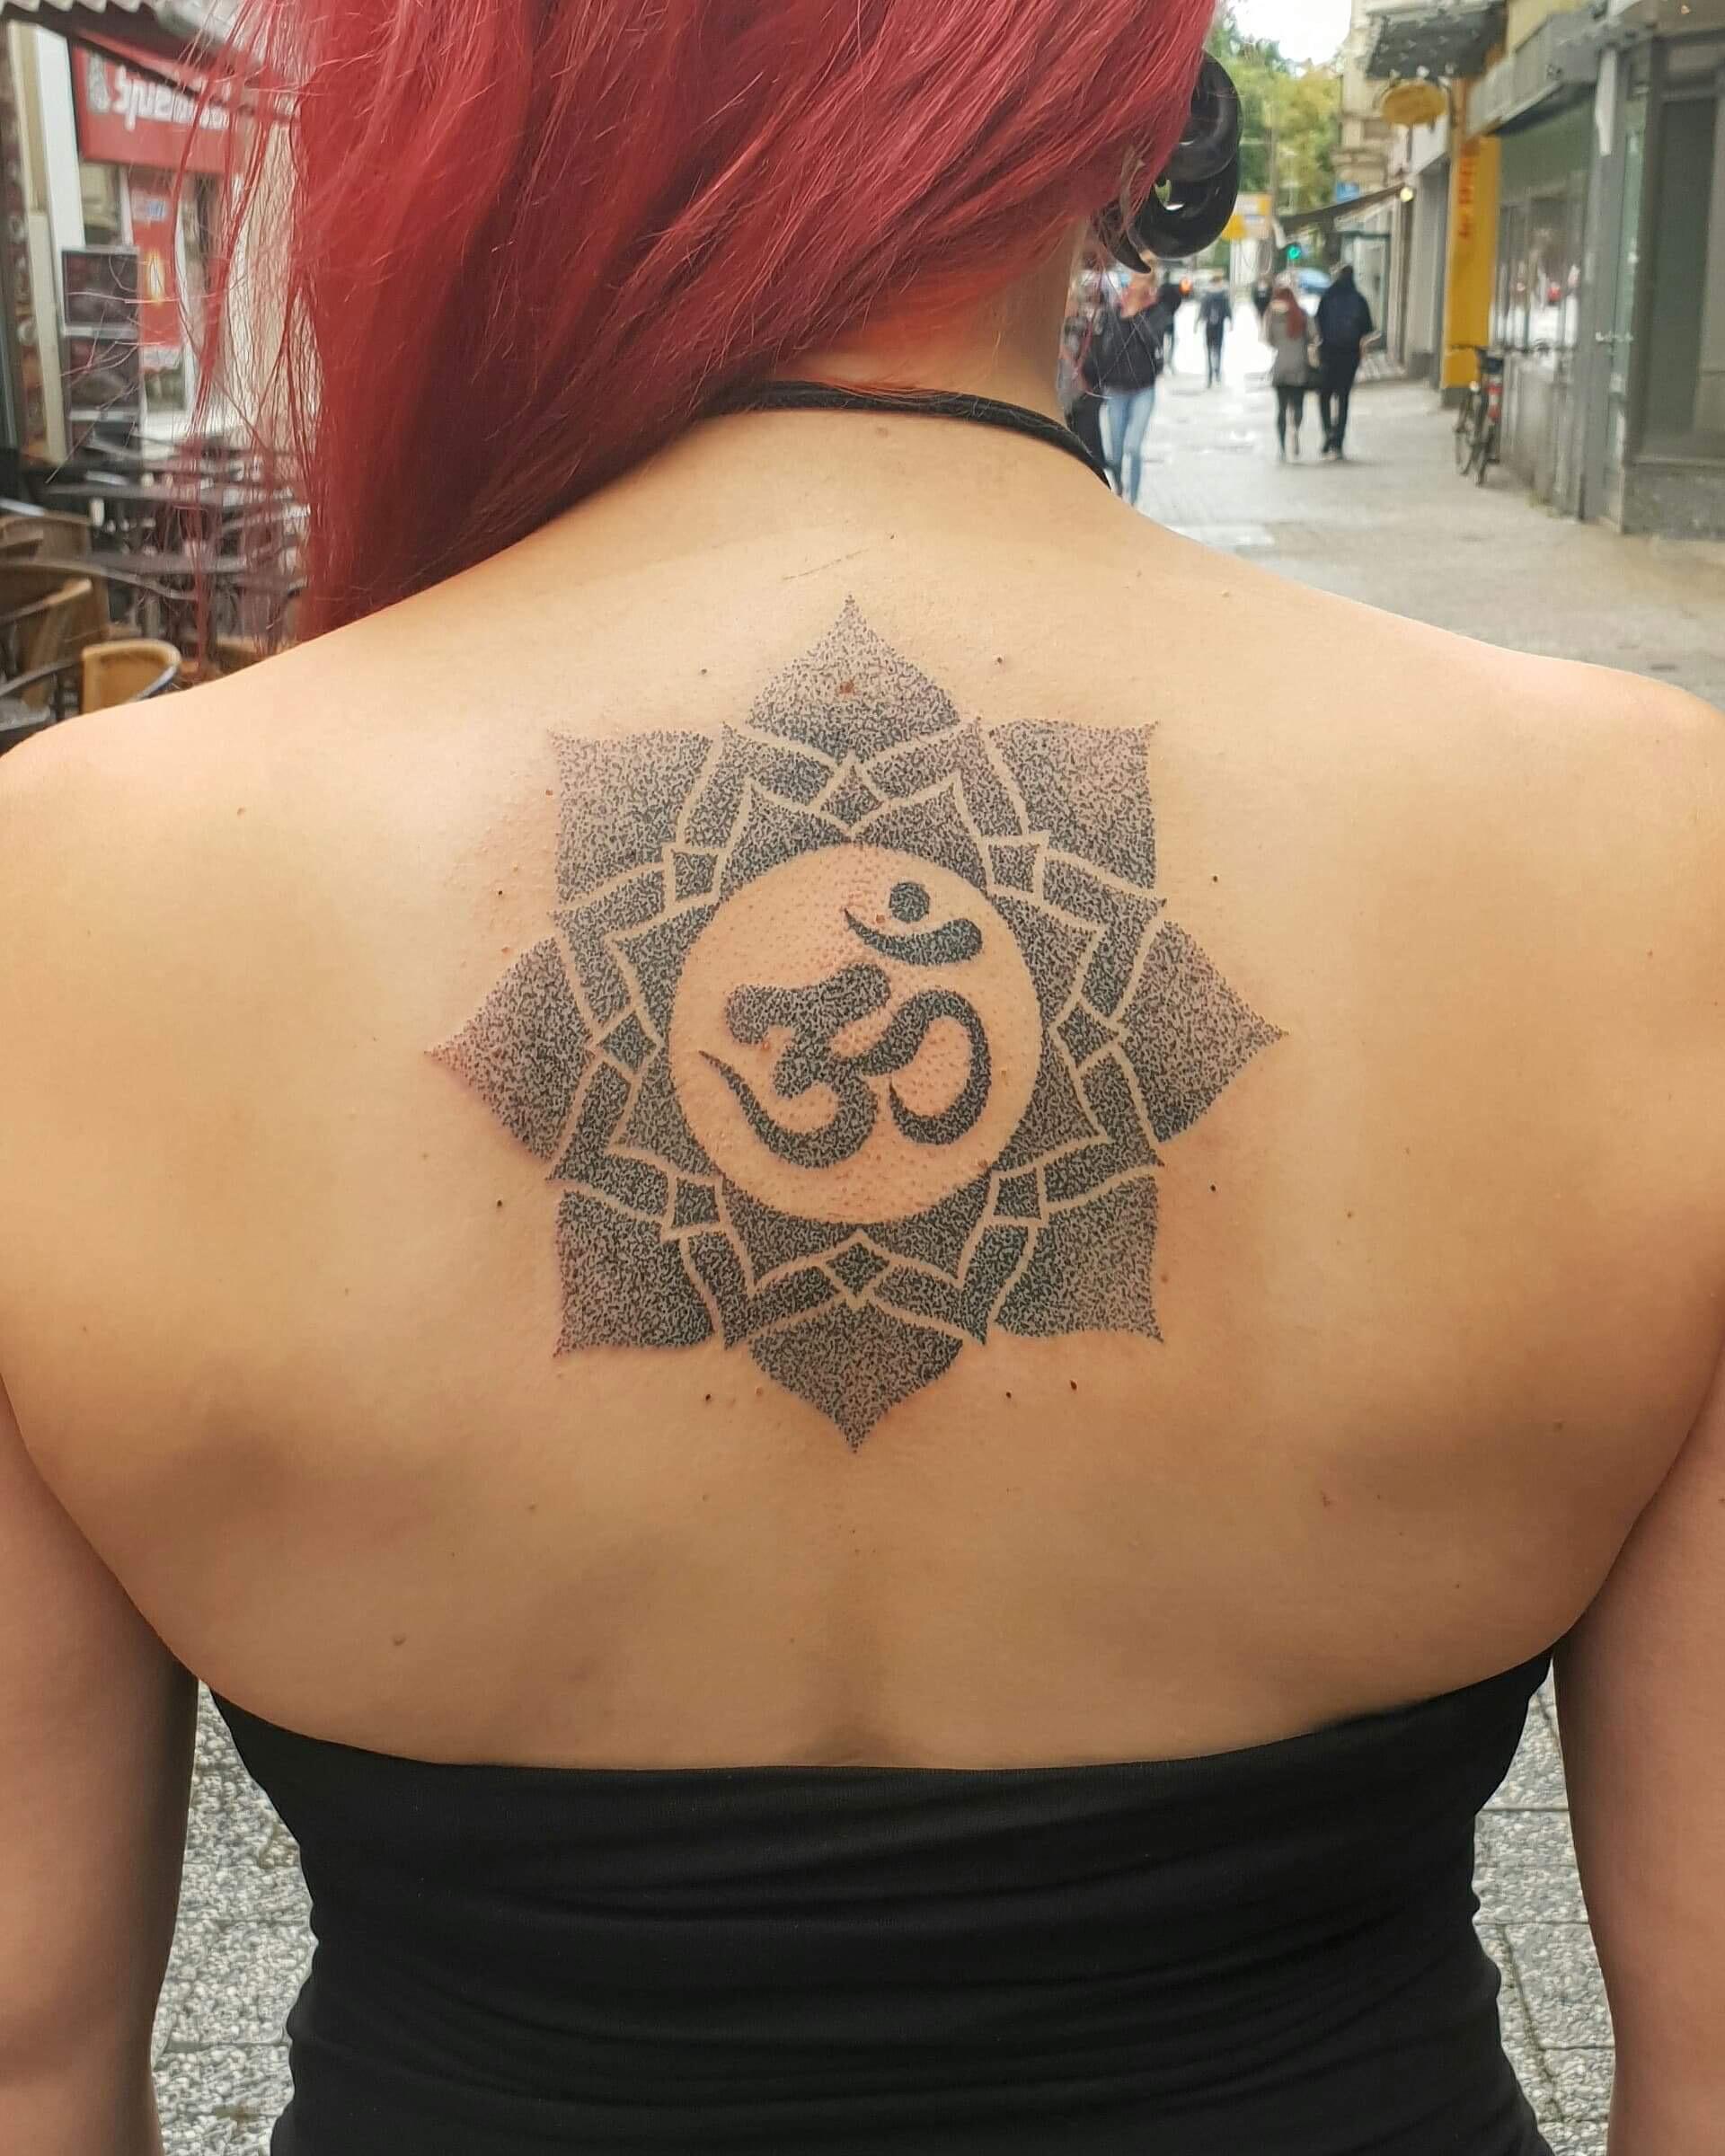 Hand Poked Tattoos Kunstwerke Mit Einer Nadel